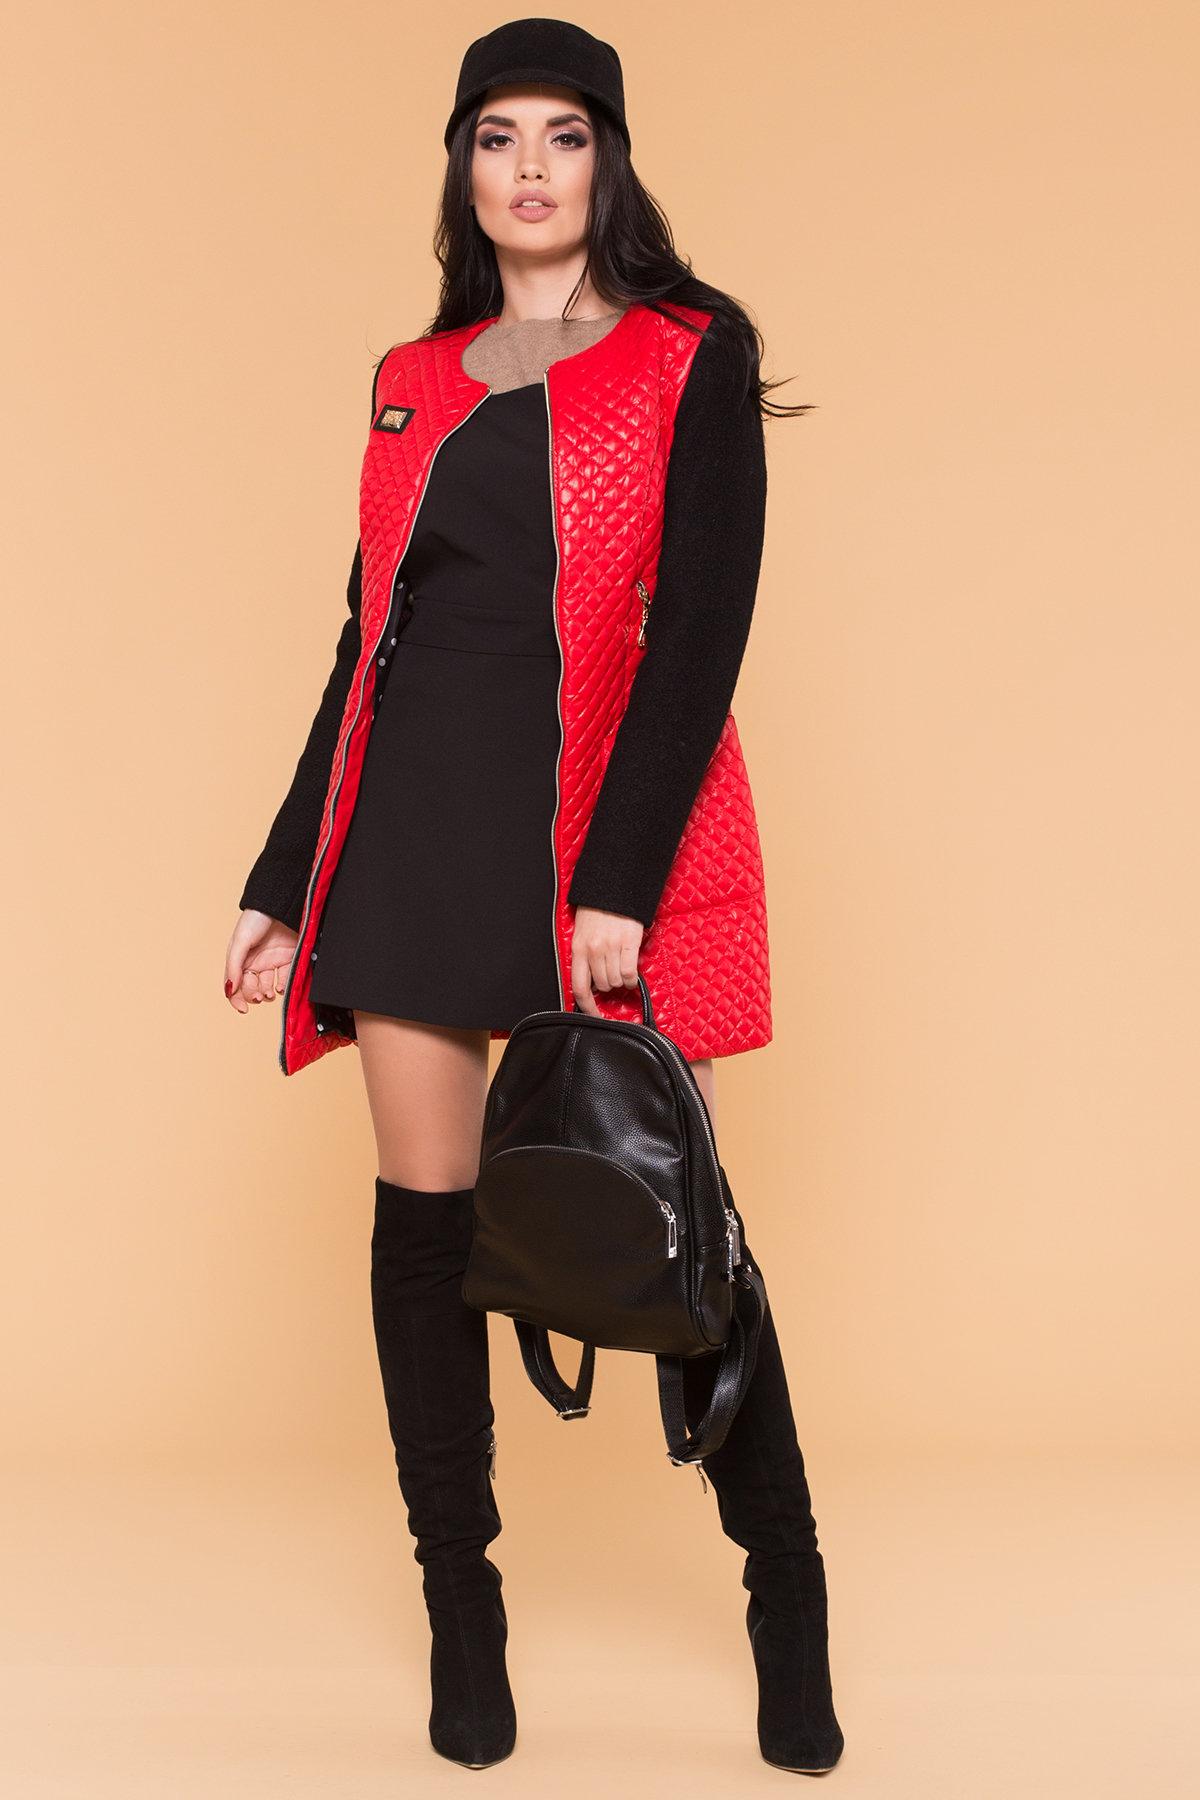 Пальто Матео 4809 АРТ. 5602 Цвет: Красный/Черный 4 - фото 3, интернет магазин tm-modus.ru